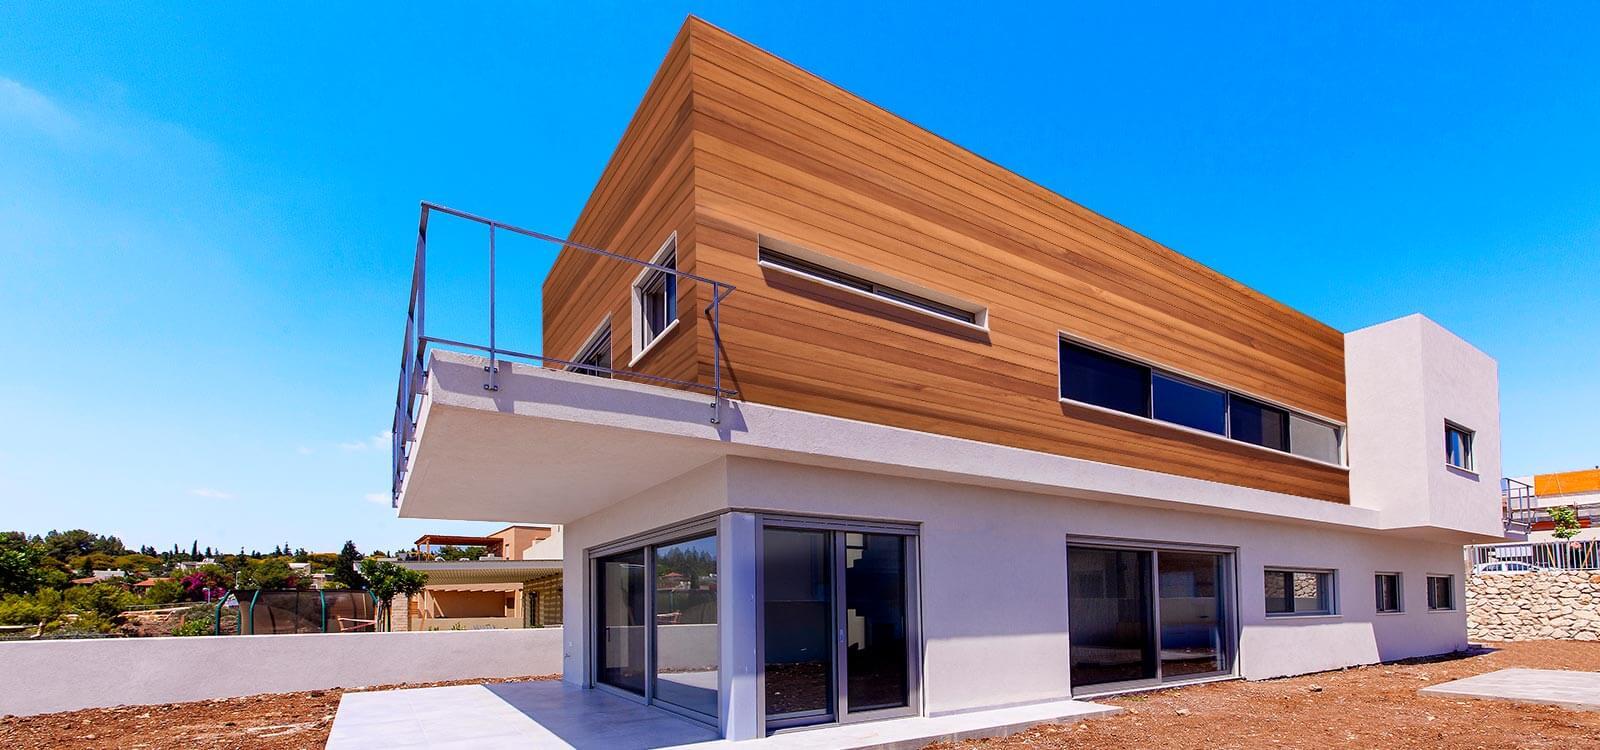 תכנון בית פרטי בגליל